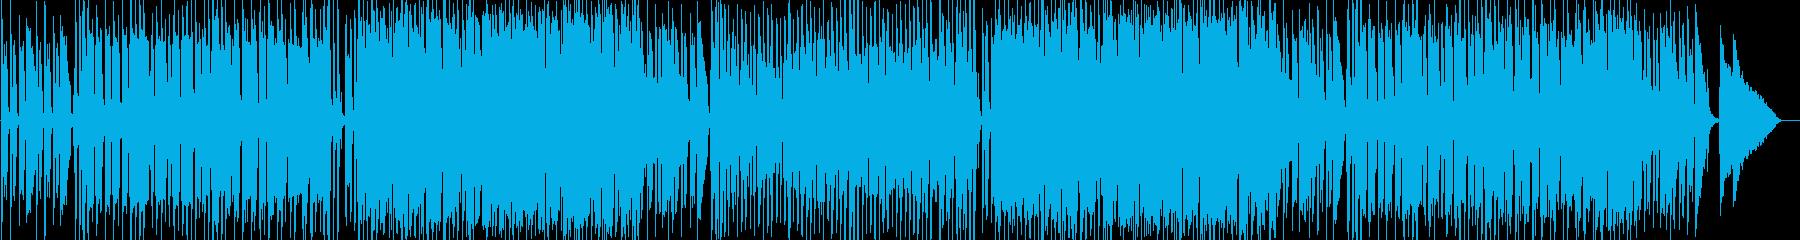 ほのぼのと可愛らしいポップスの再生済みの波形